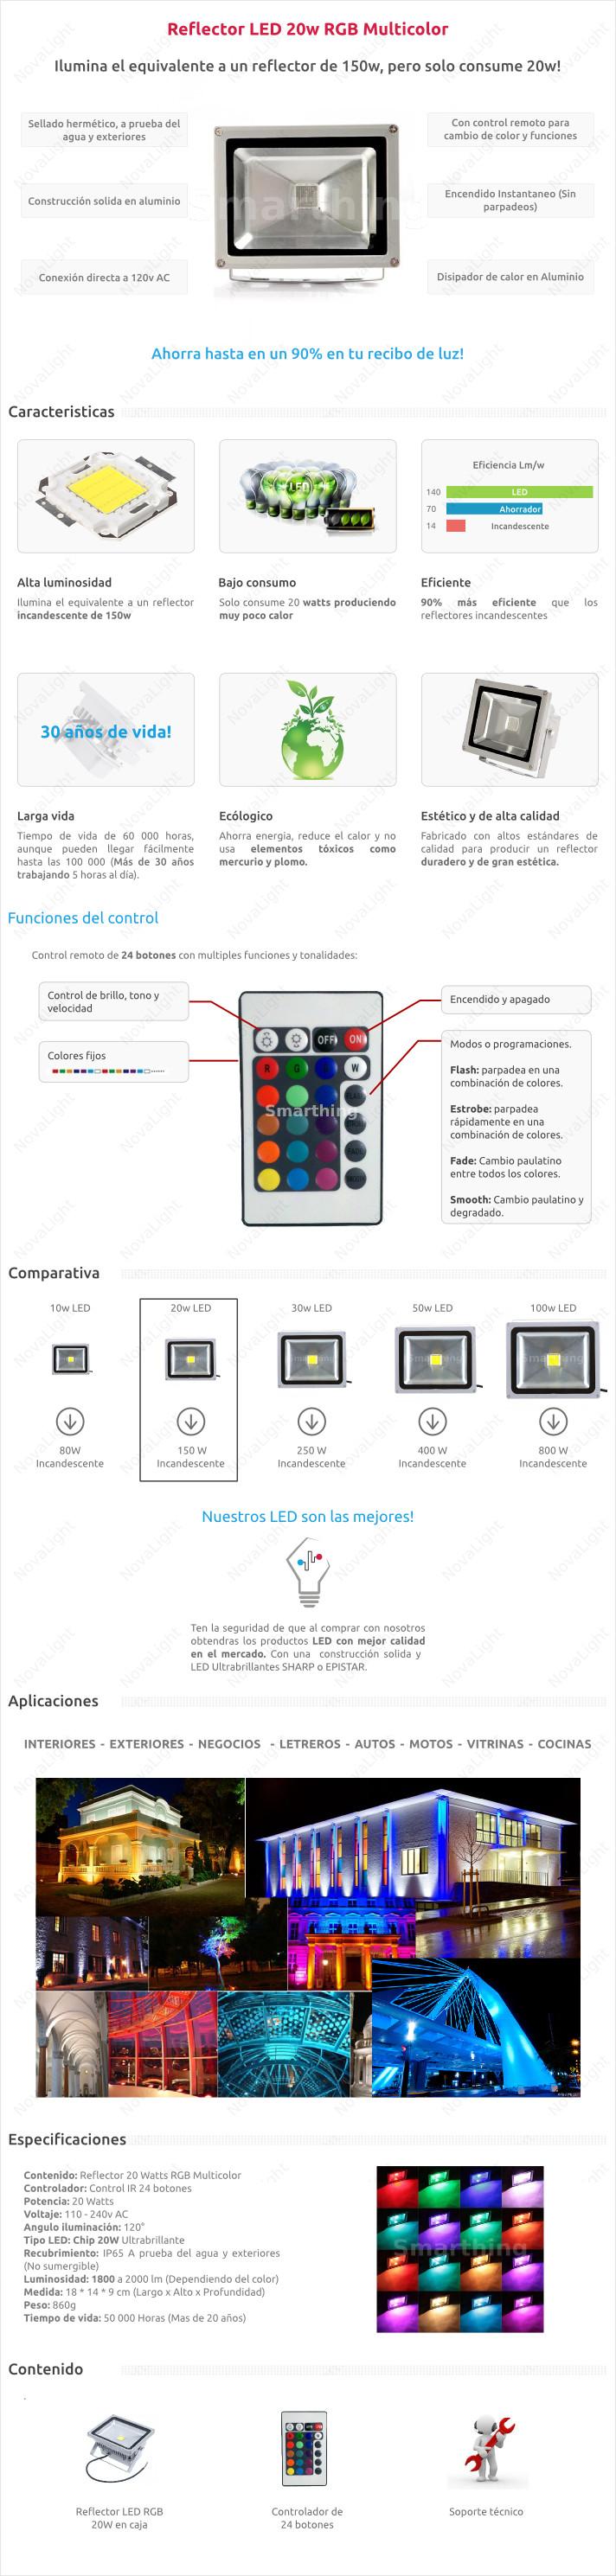 Descripción del reflector LED RGB de 20w multicolor con control remoto incluido